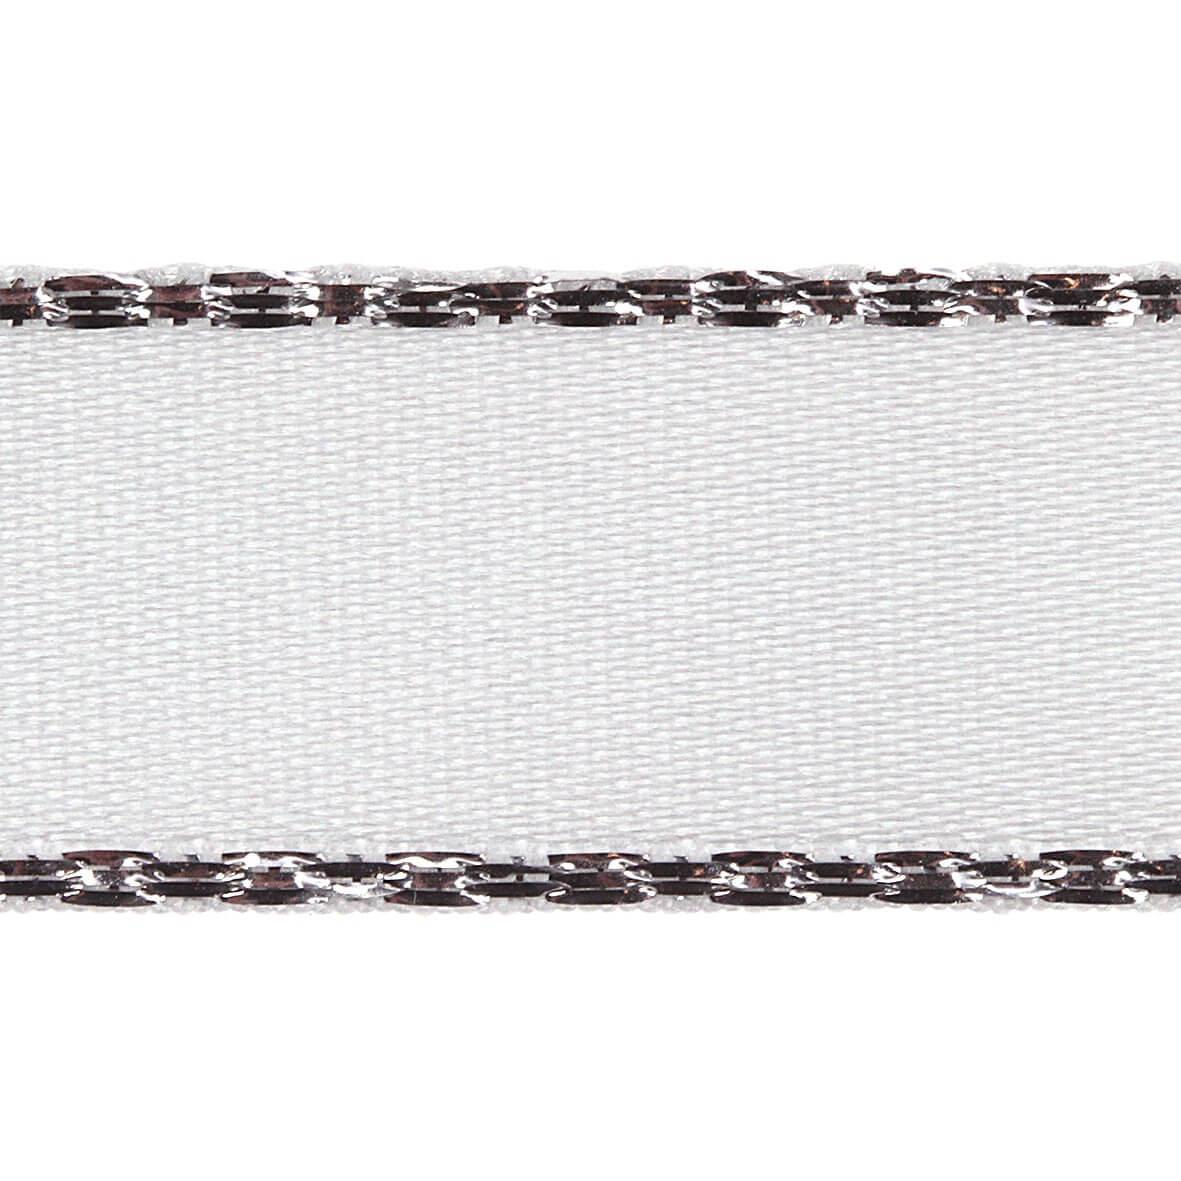 15mm White Colour 1 Silver Metallic Edge